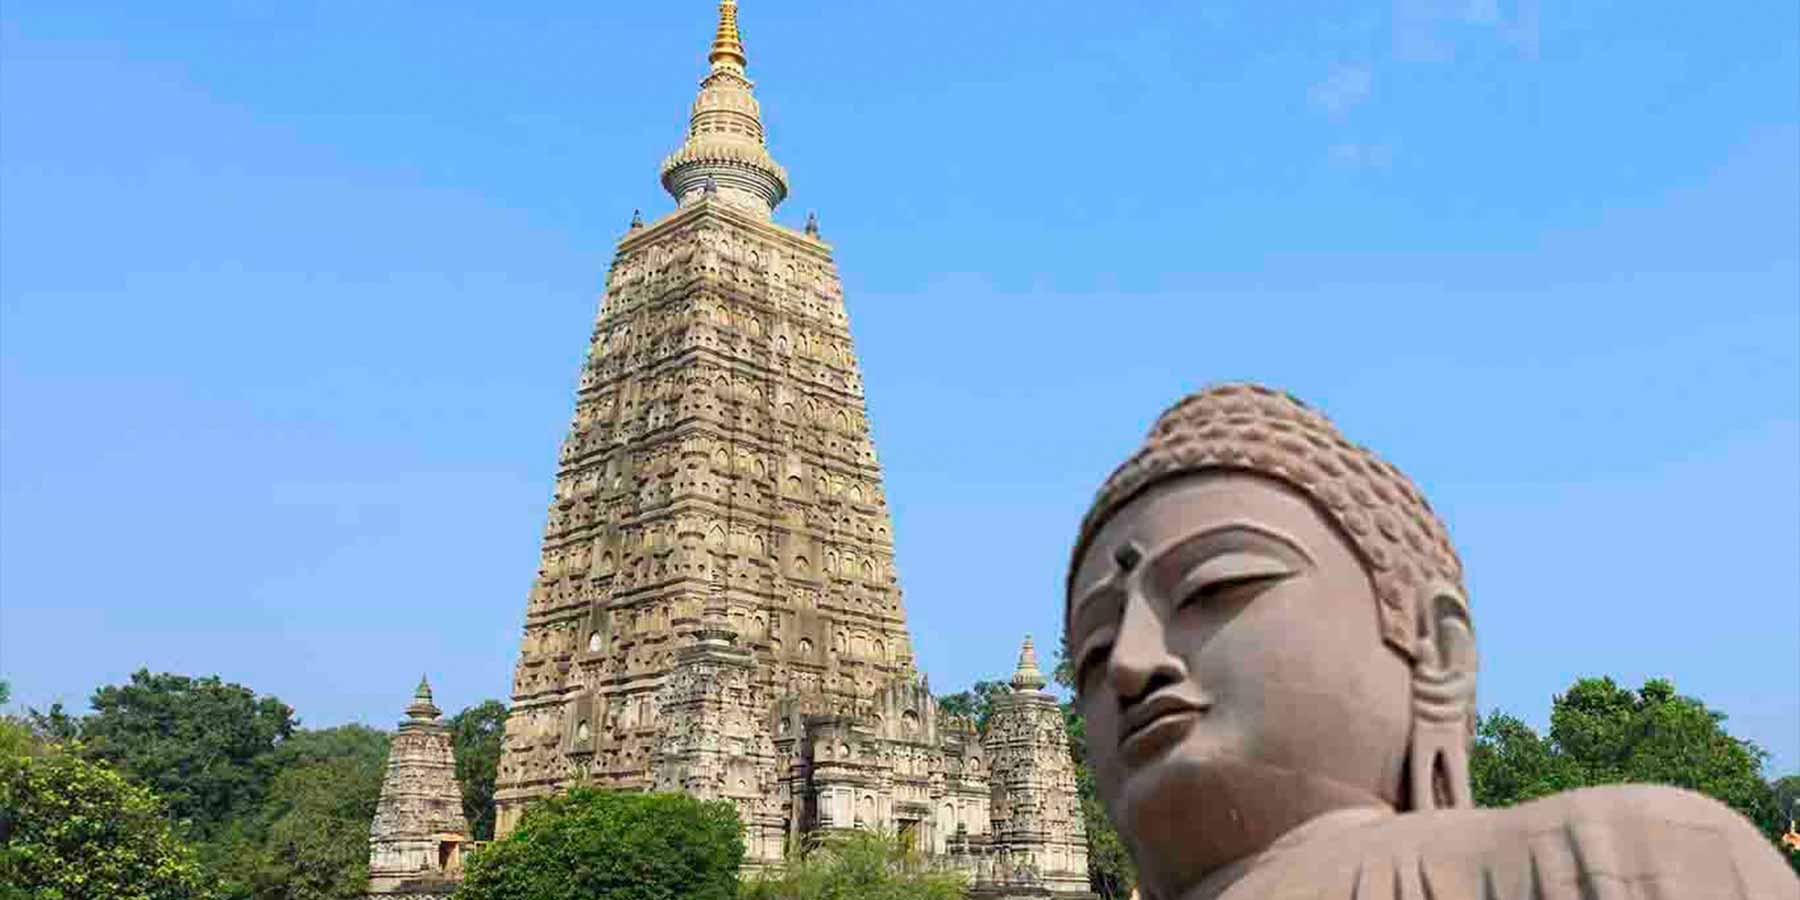 Gautama Buddha - the awakened one